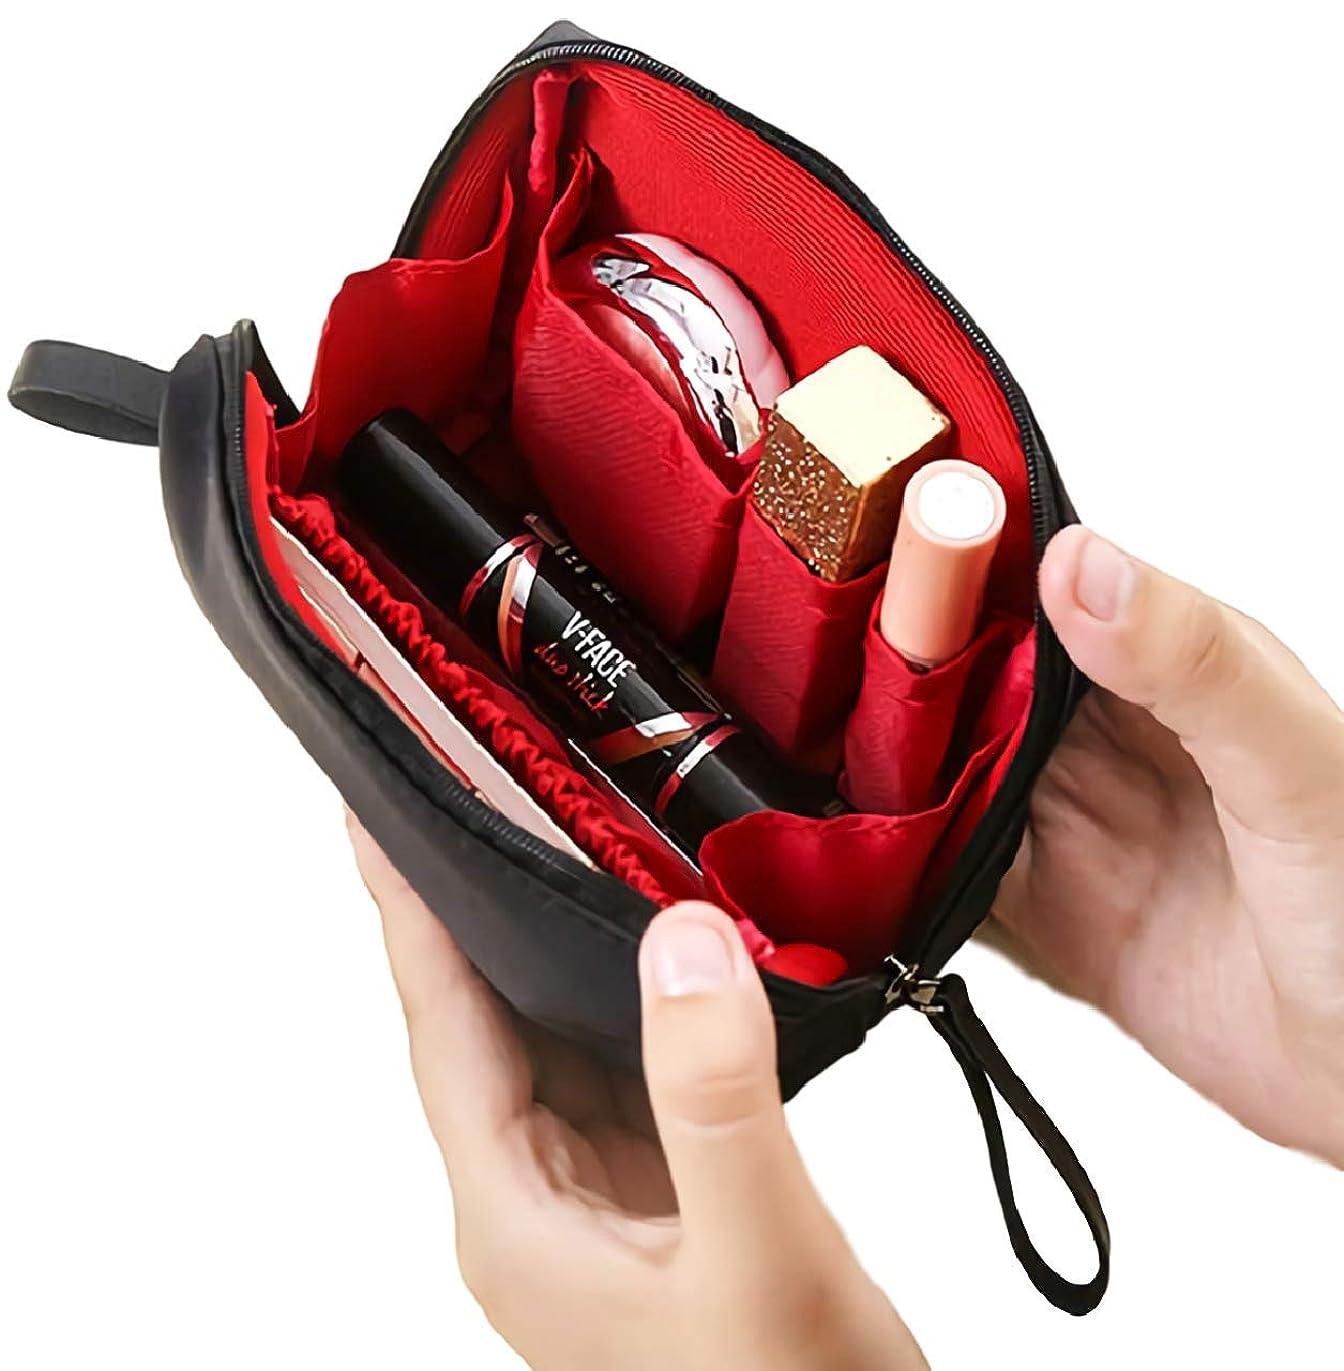 少数インストラクター該当する[ウレギッシュ] 化粧ポーチ コンパクト メイクポーチ 化粧品 化粧道具 収納 バッグ (ブラック in レッド)